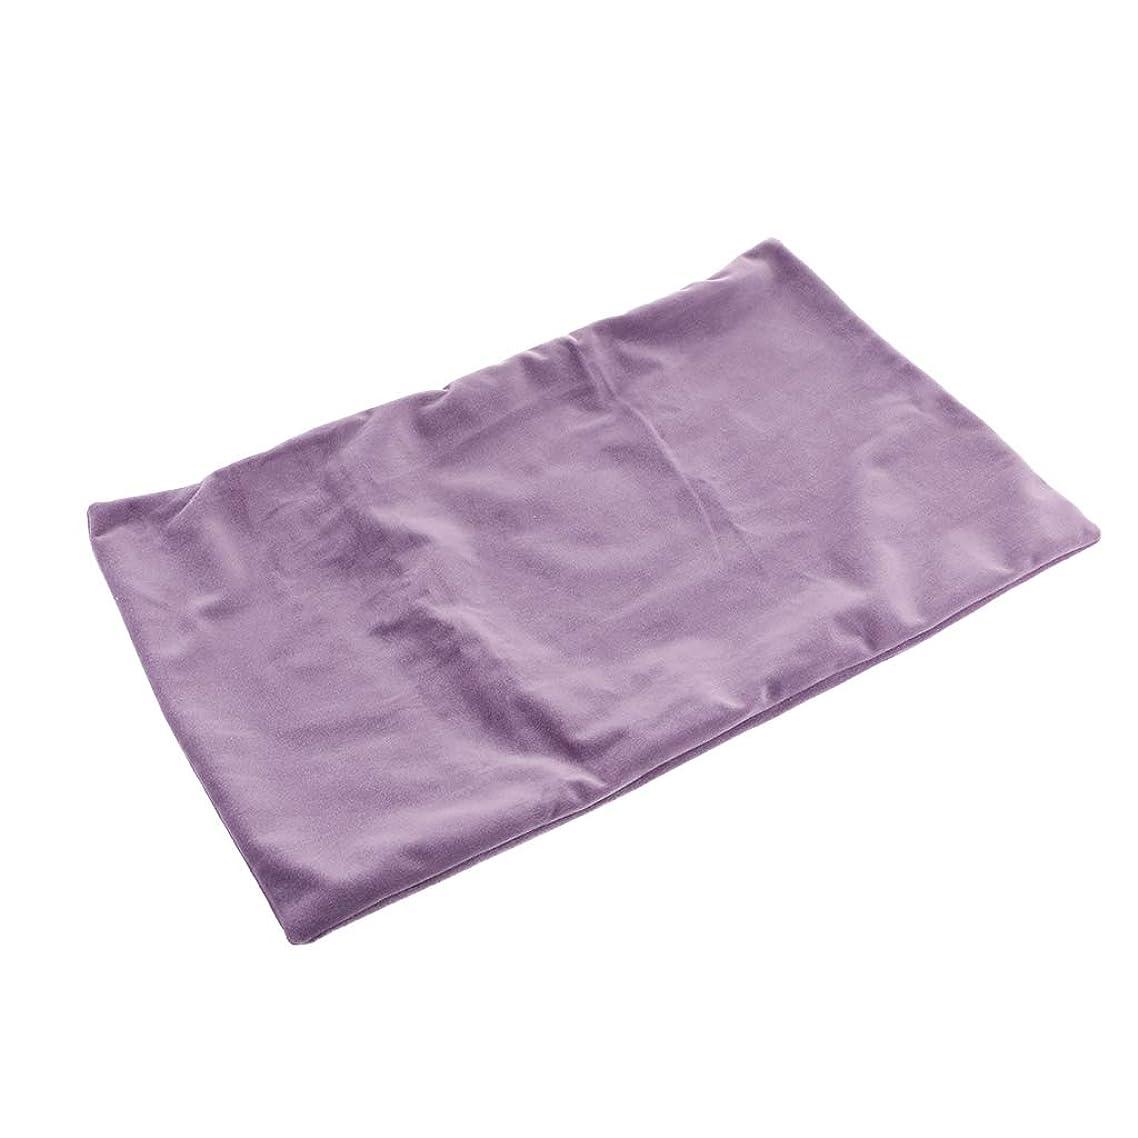 消費する櫛同種のF Fityle クッションカバー 抱き枕カバー ベルベット ソファ背当て インテリア 部屋飾り 高級感 全16色 - パープル